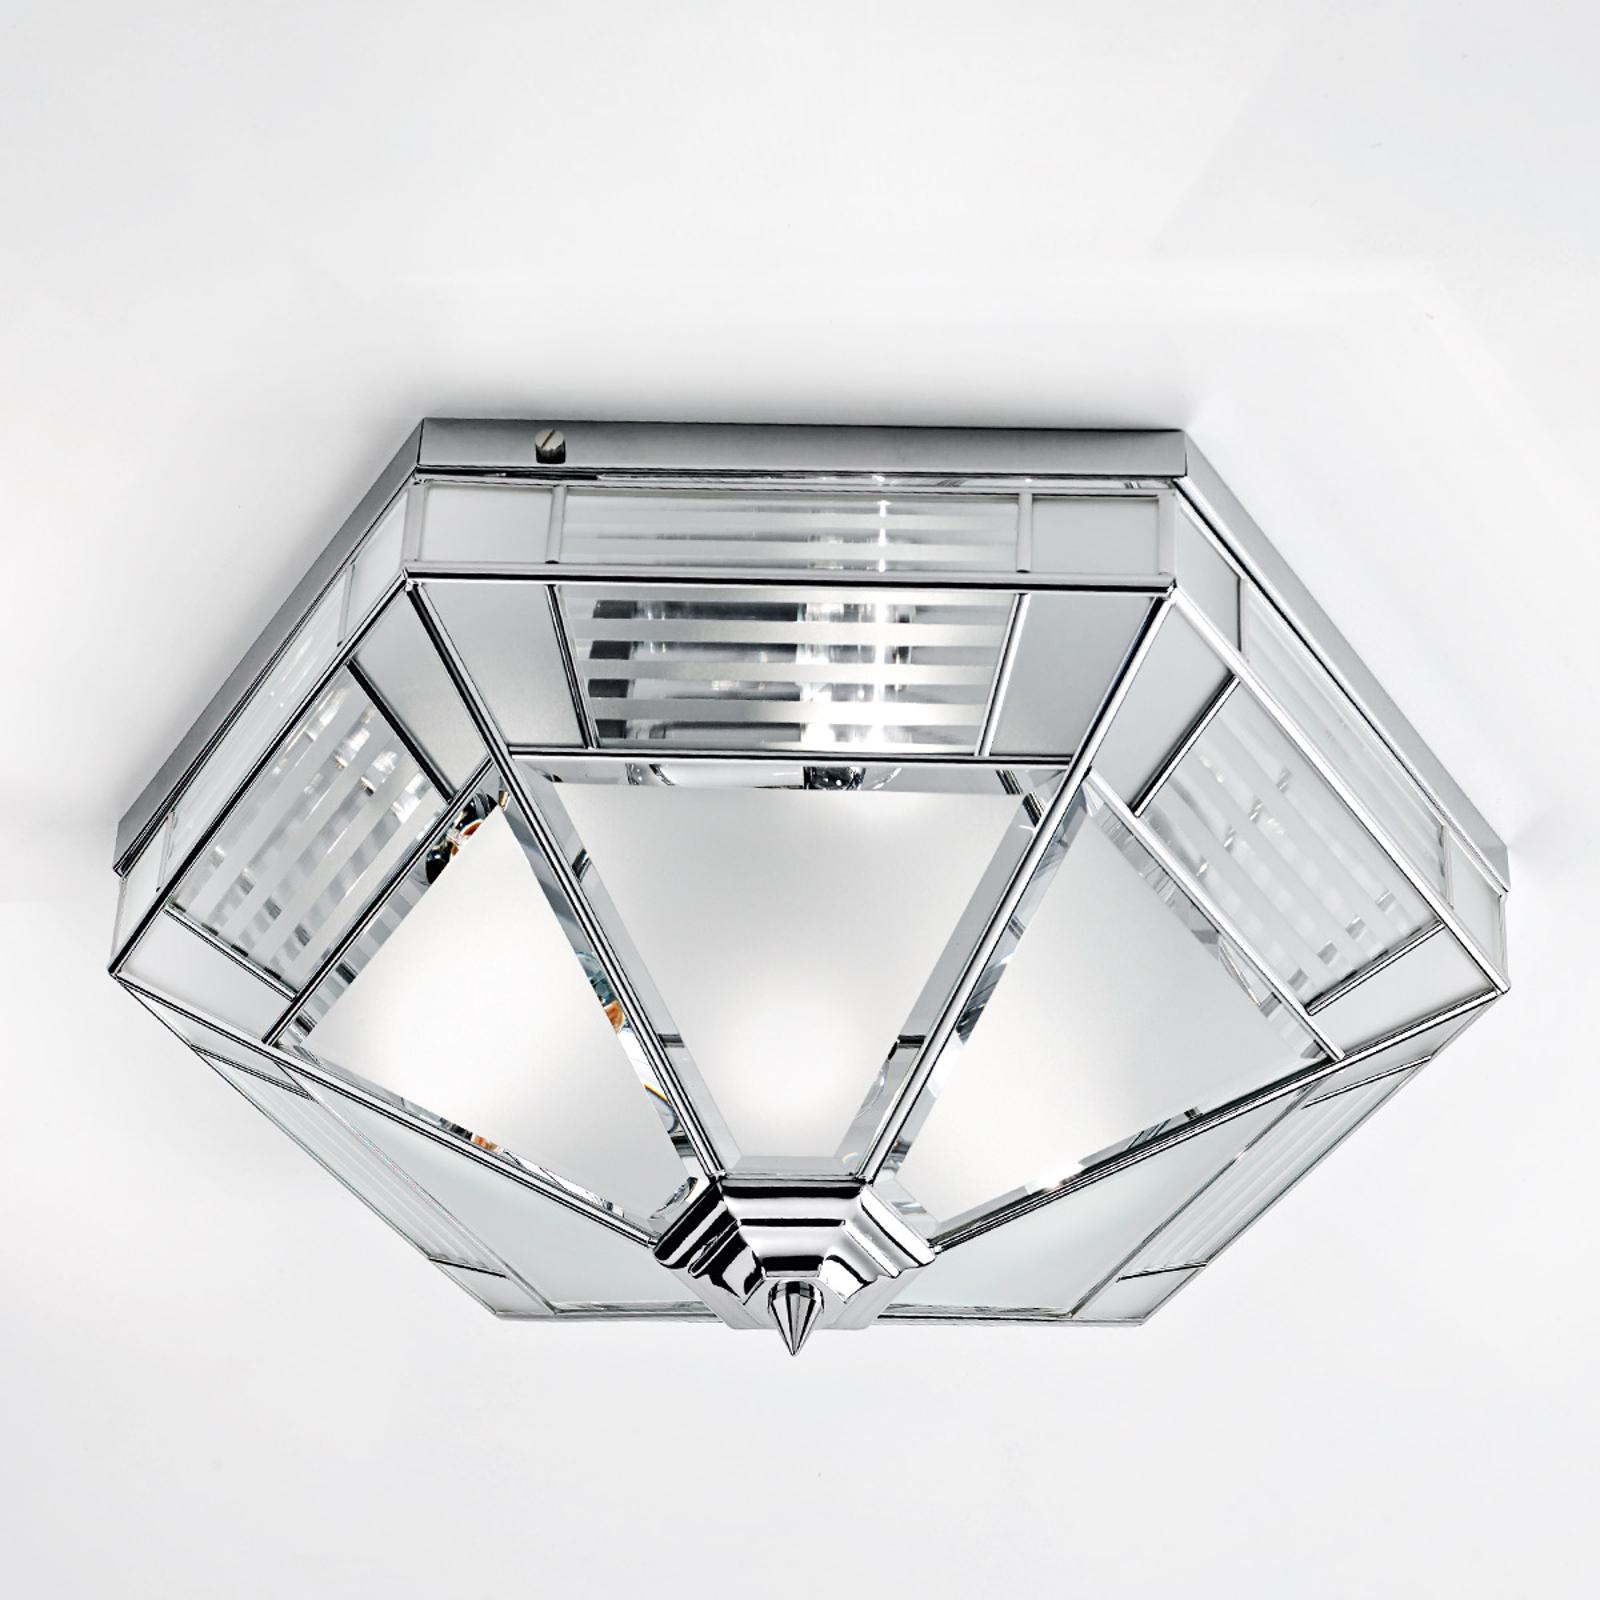 Giana lámpara de techo hexagonal, cromo